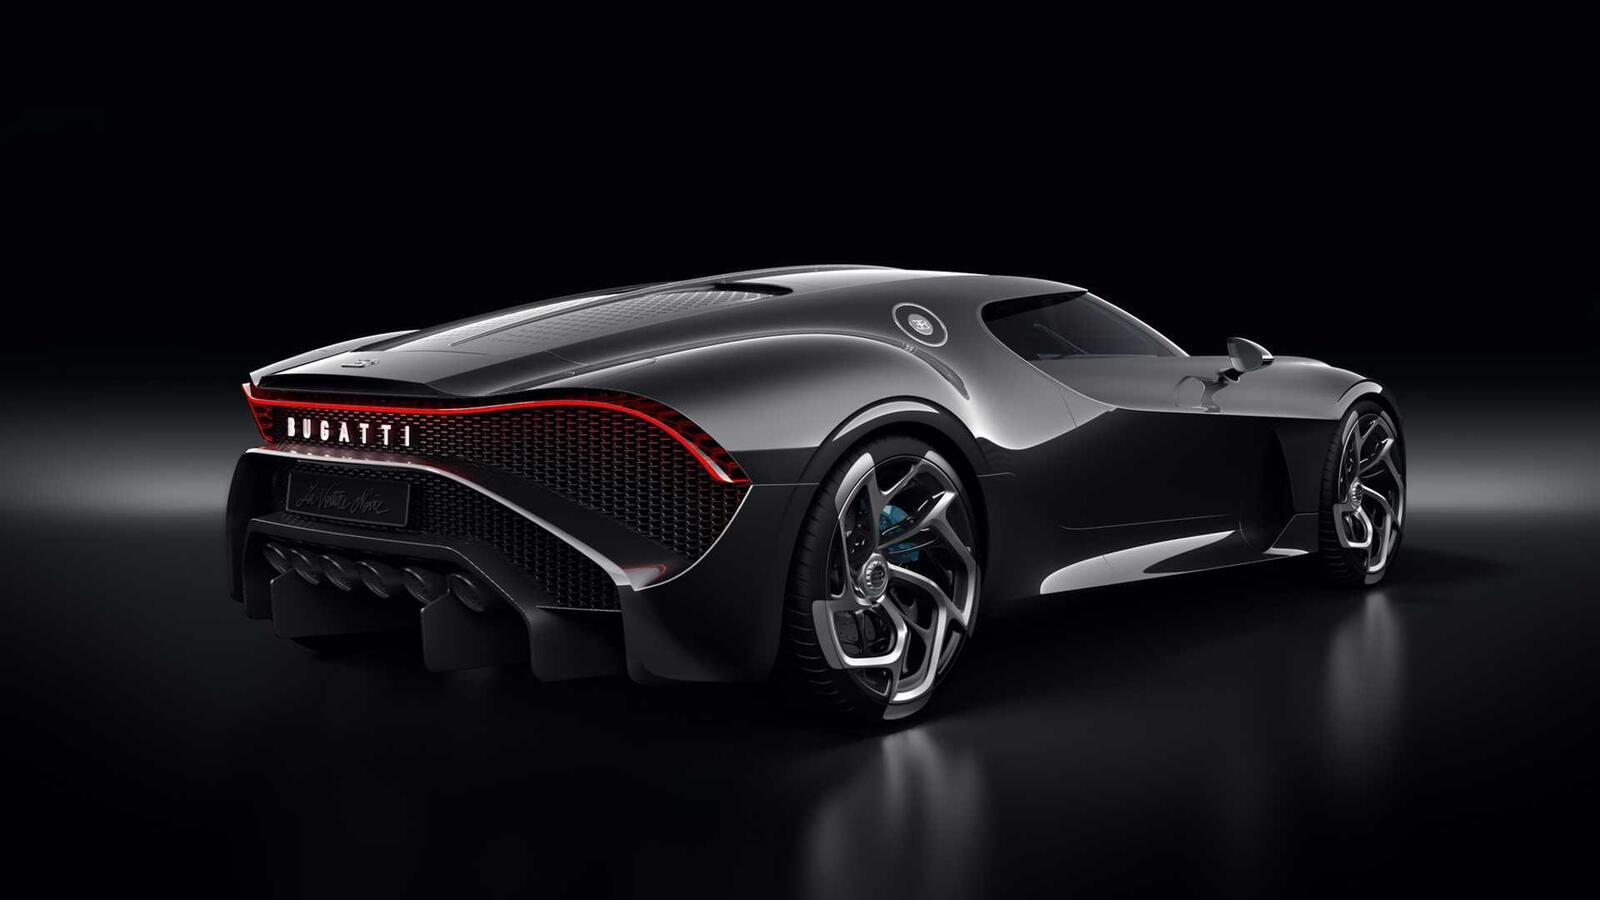 [GMS2019] Siêu phẩm Bugatti La Voatio Noire ra mắt: Chỉ một chiếc được sản xuất; giá hơn 259 tỷ đồng - Hình 7